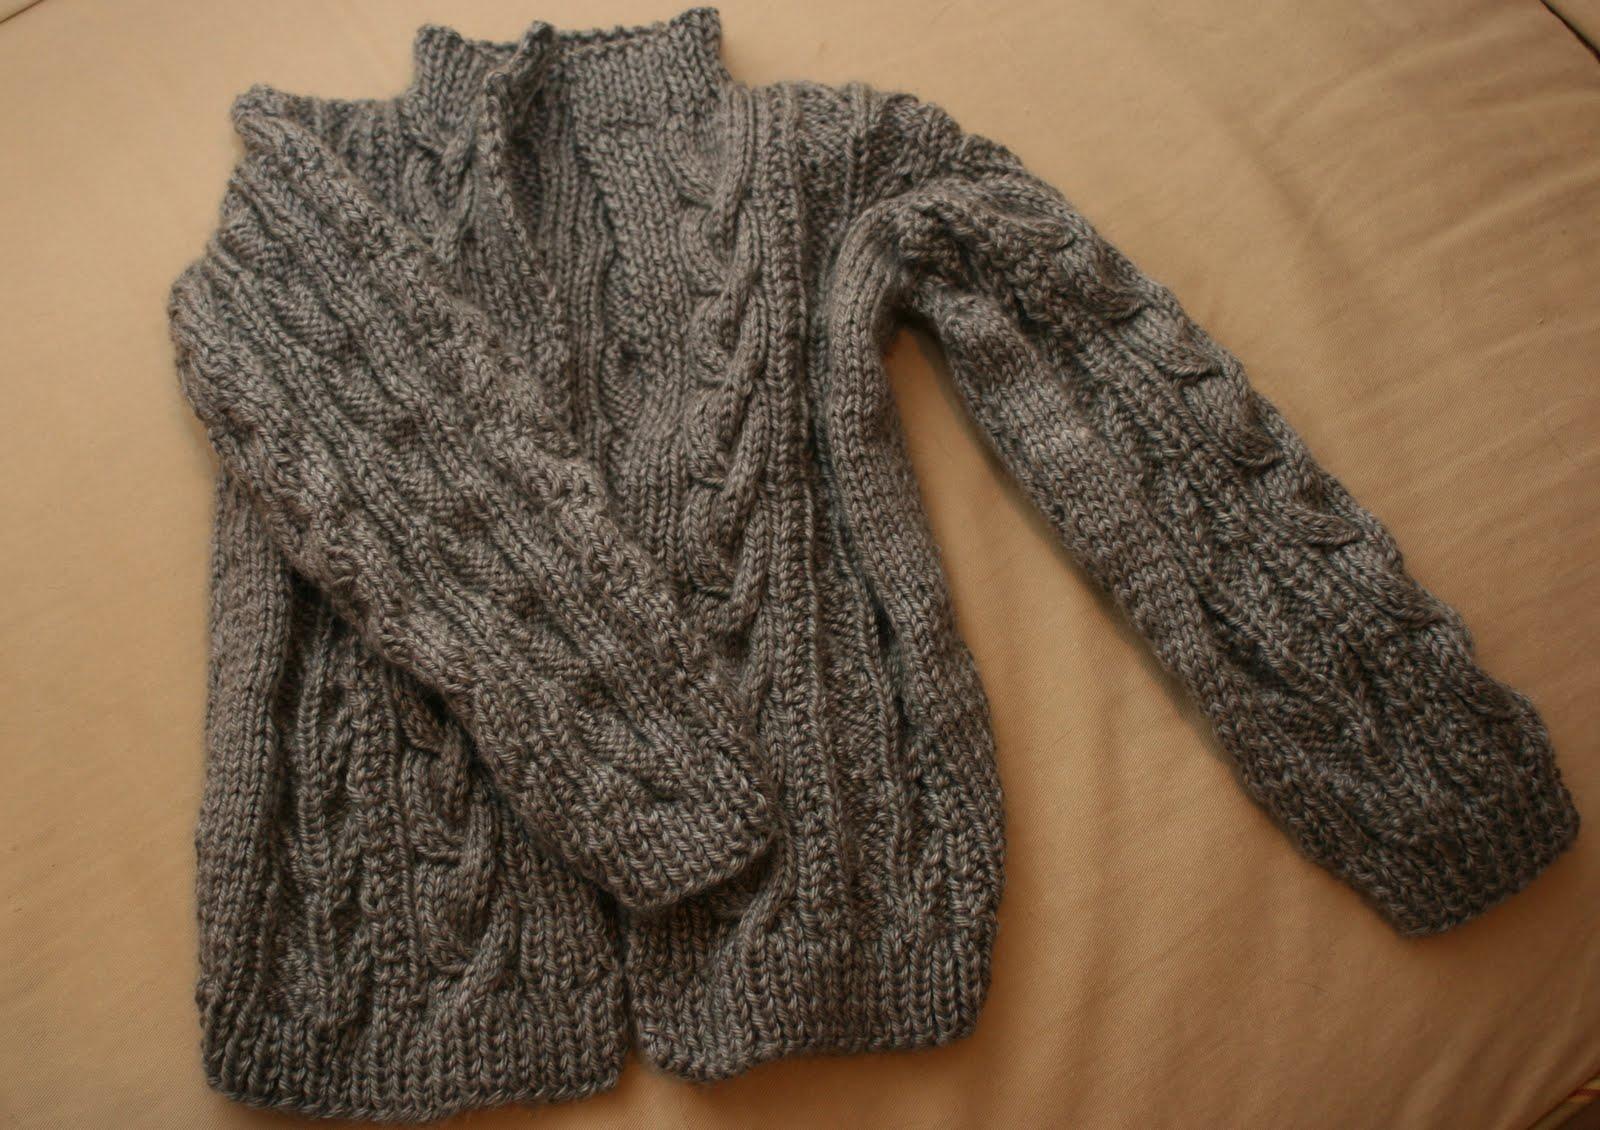 http://2.bp.blogspot.com/_X5gvFBIH7fo/S_b3DYg8UMI/AAAAAAAACws/SLeeQoXudsk/s1600/baby%20sweater.jpg